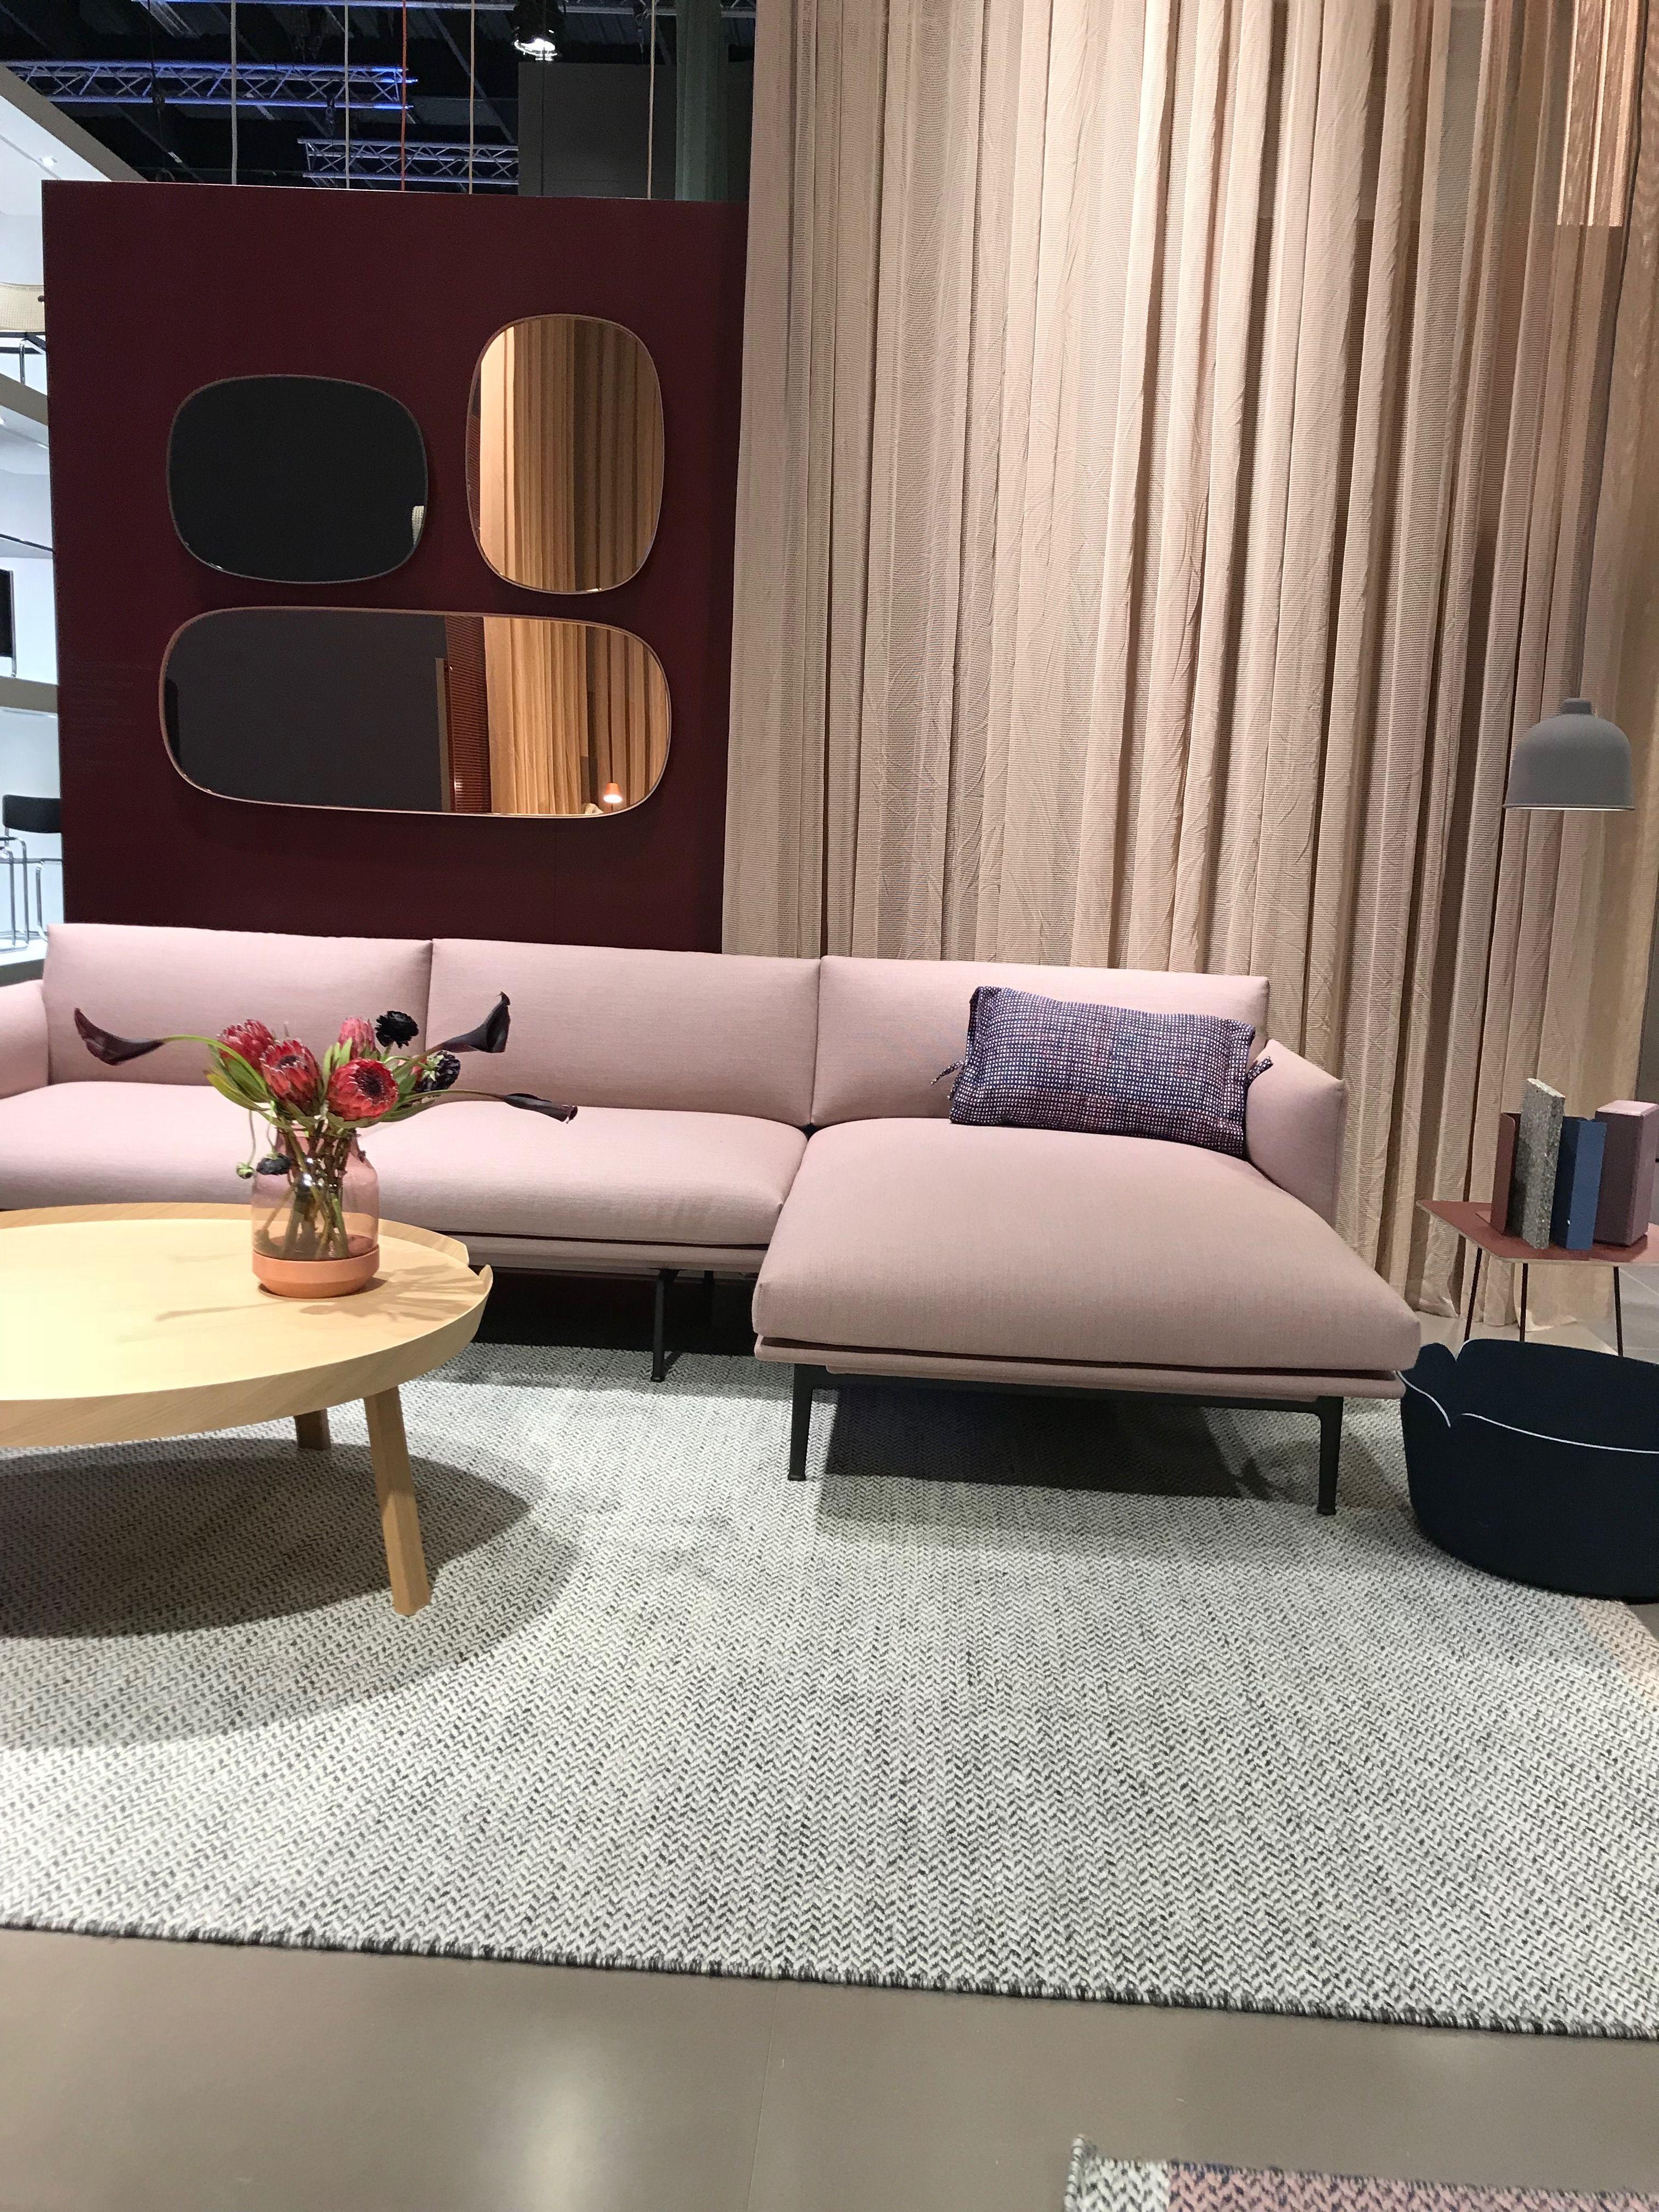 Koln 2018 Wohnideeluzern Muuto Outline Sofa